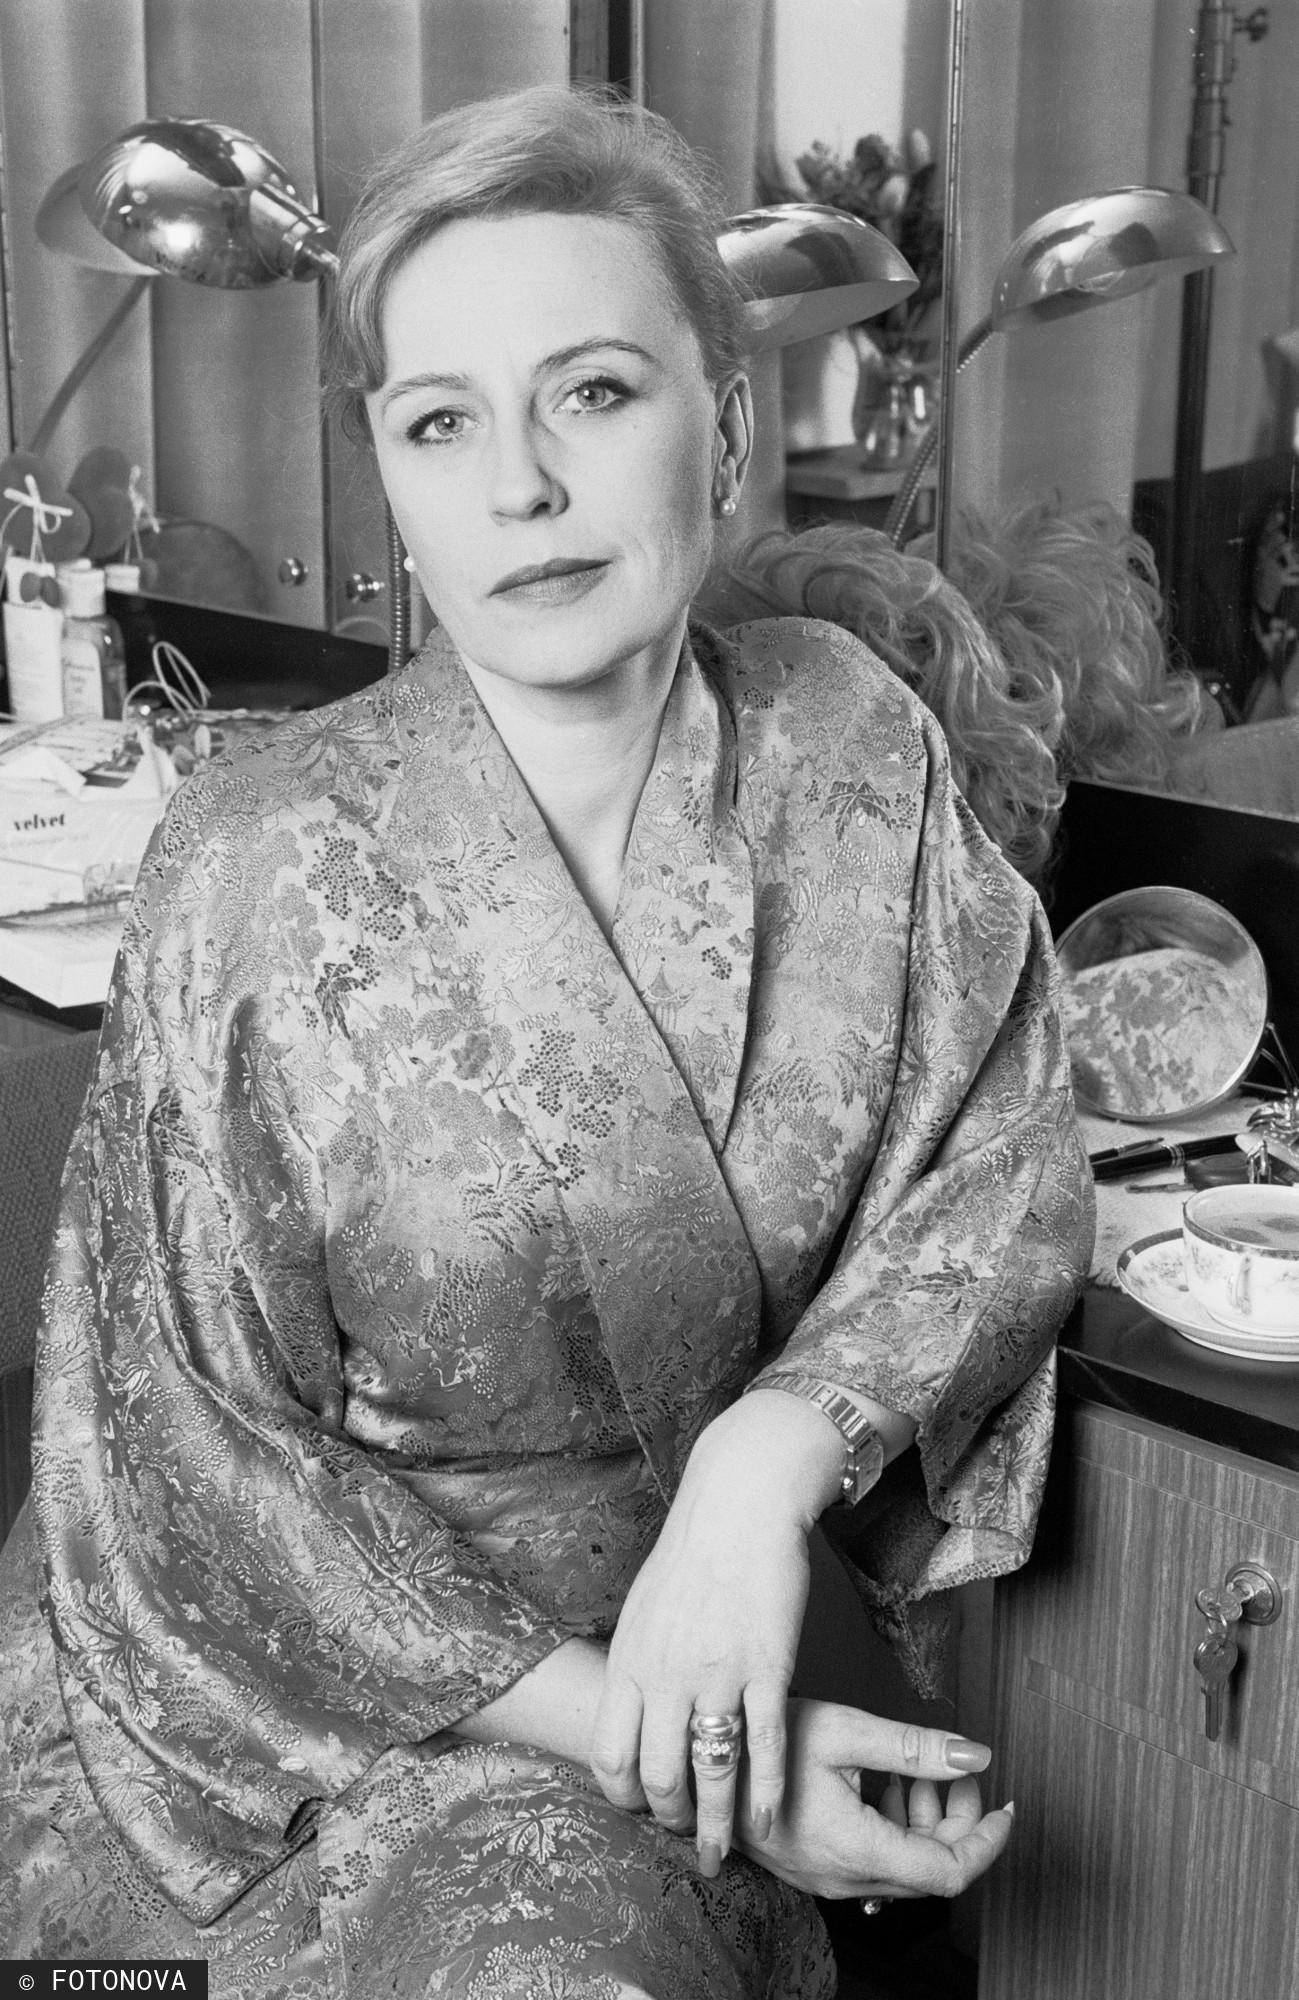 Krystyna Janda w teatralnej garderobie w 1997 r.